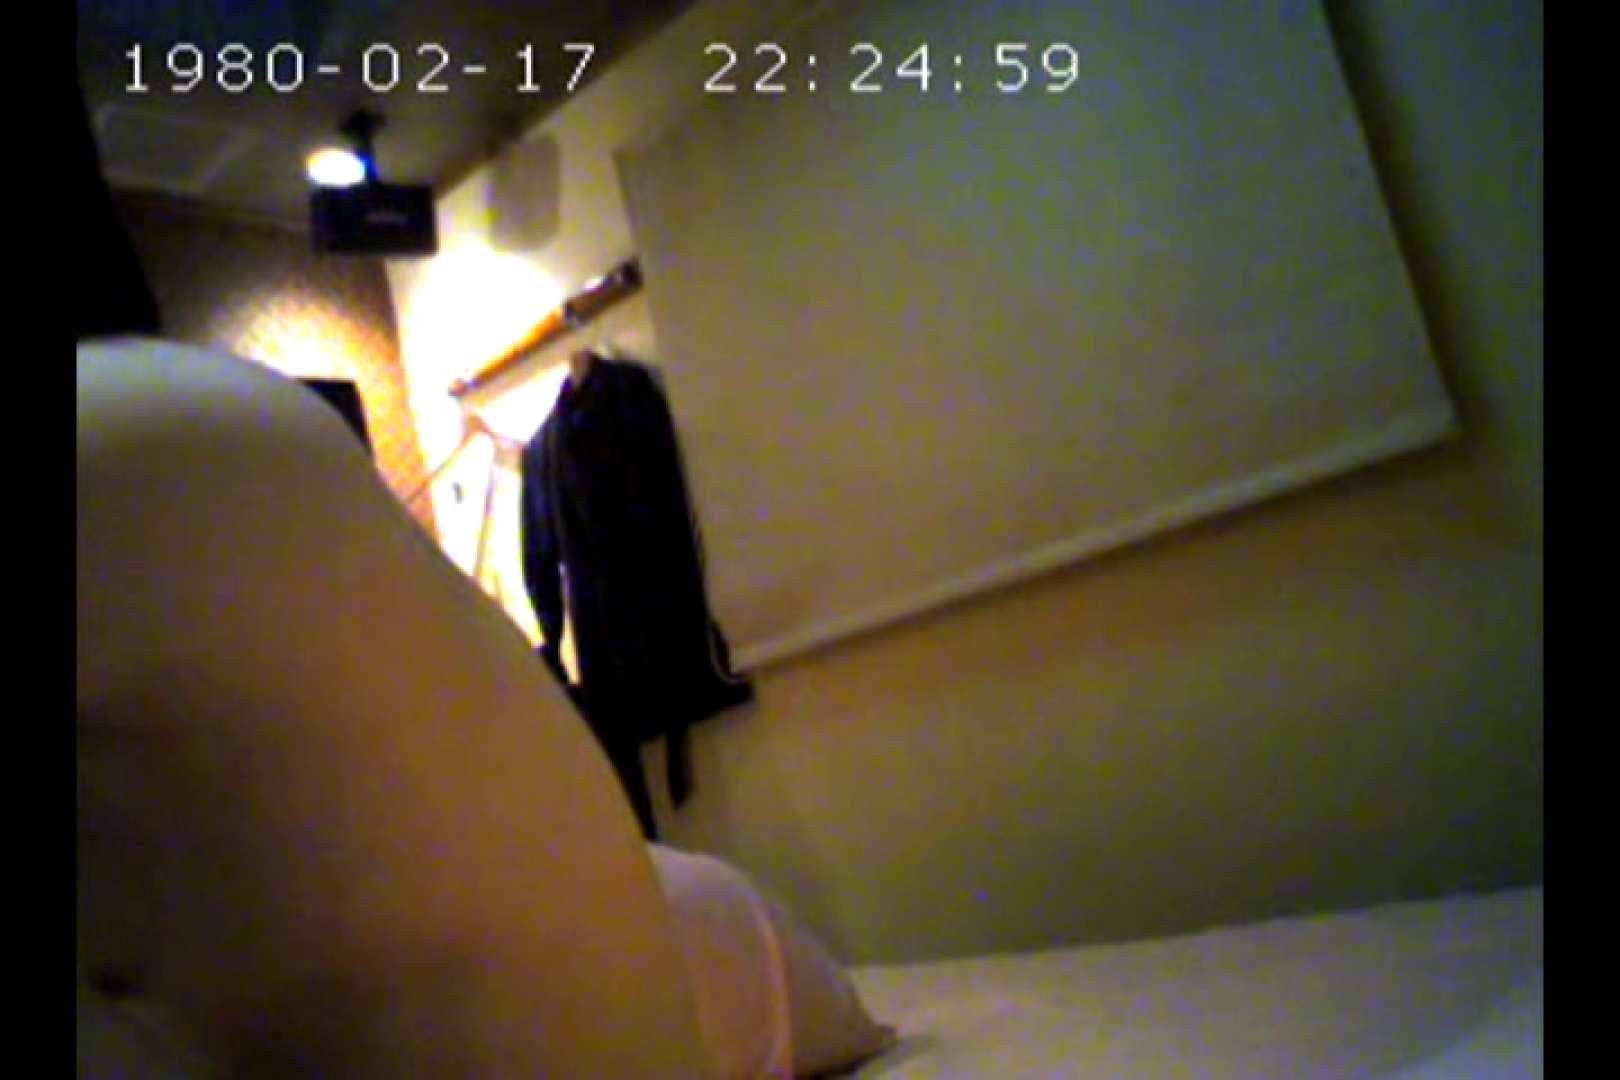 ハメられた女達 vol.04 ラブホテル 盗撮アダルト動画キャプチャ 110画像 97